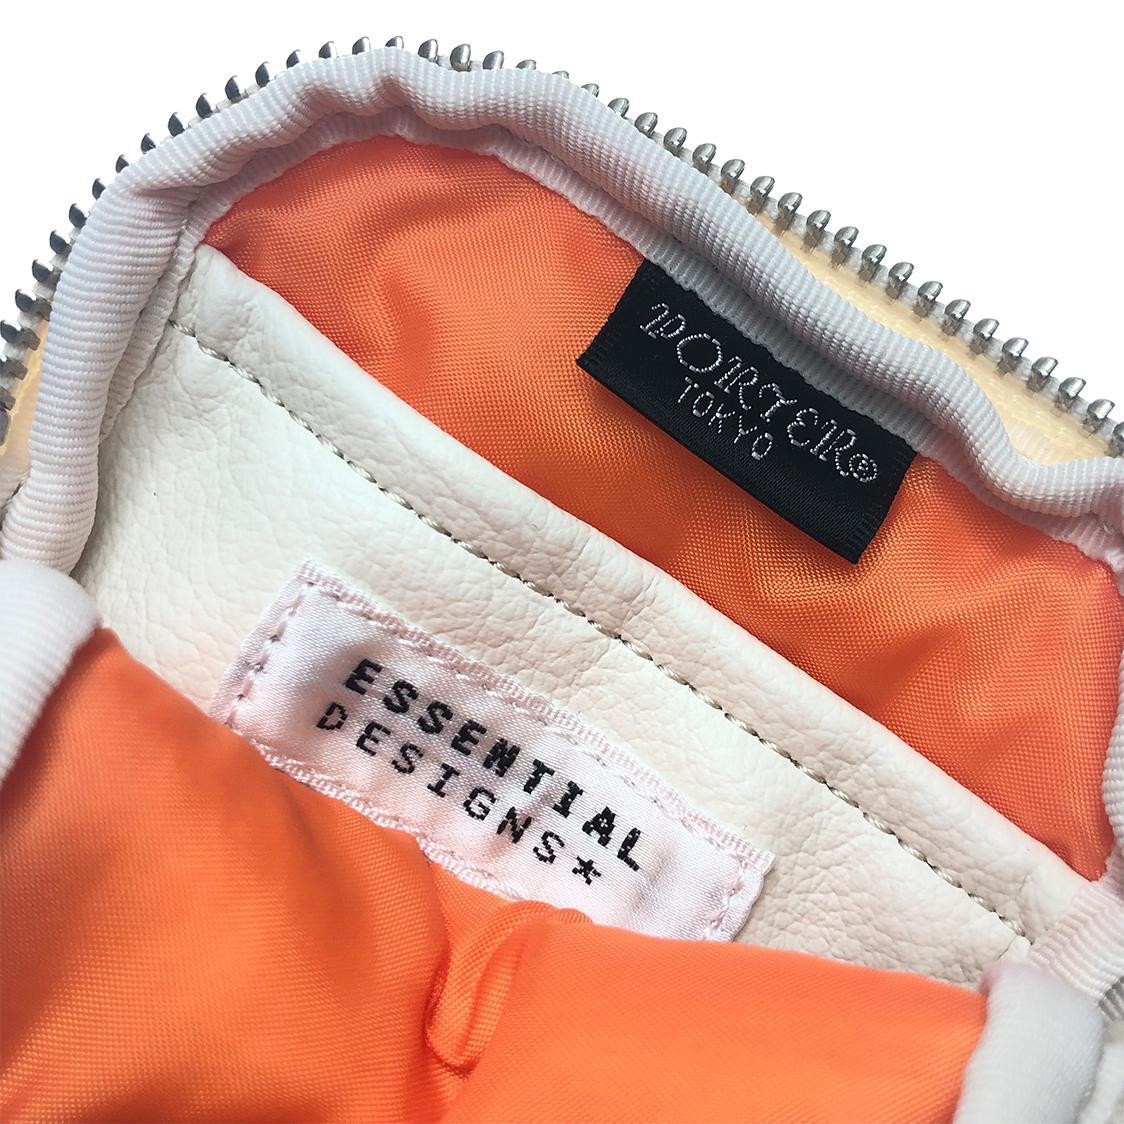 ポーター porter × ESSENTIAL DESIGNS エッセンシャルデザイン コインケース オレンジ 小銭入れ サイフ 財布 吉田カバン